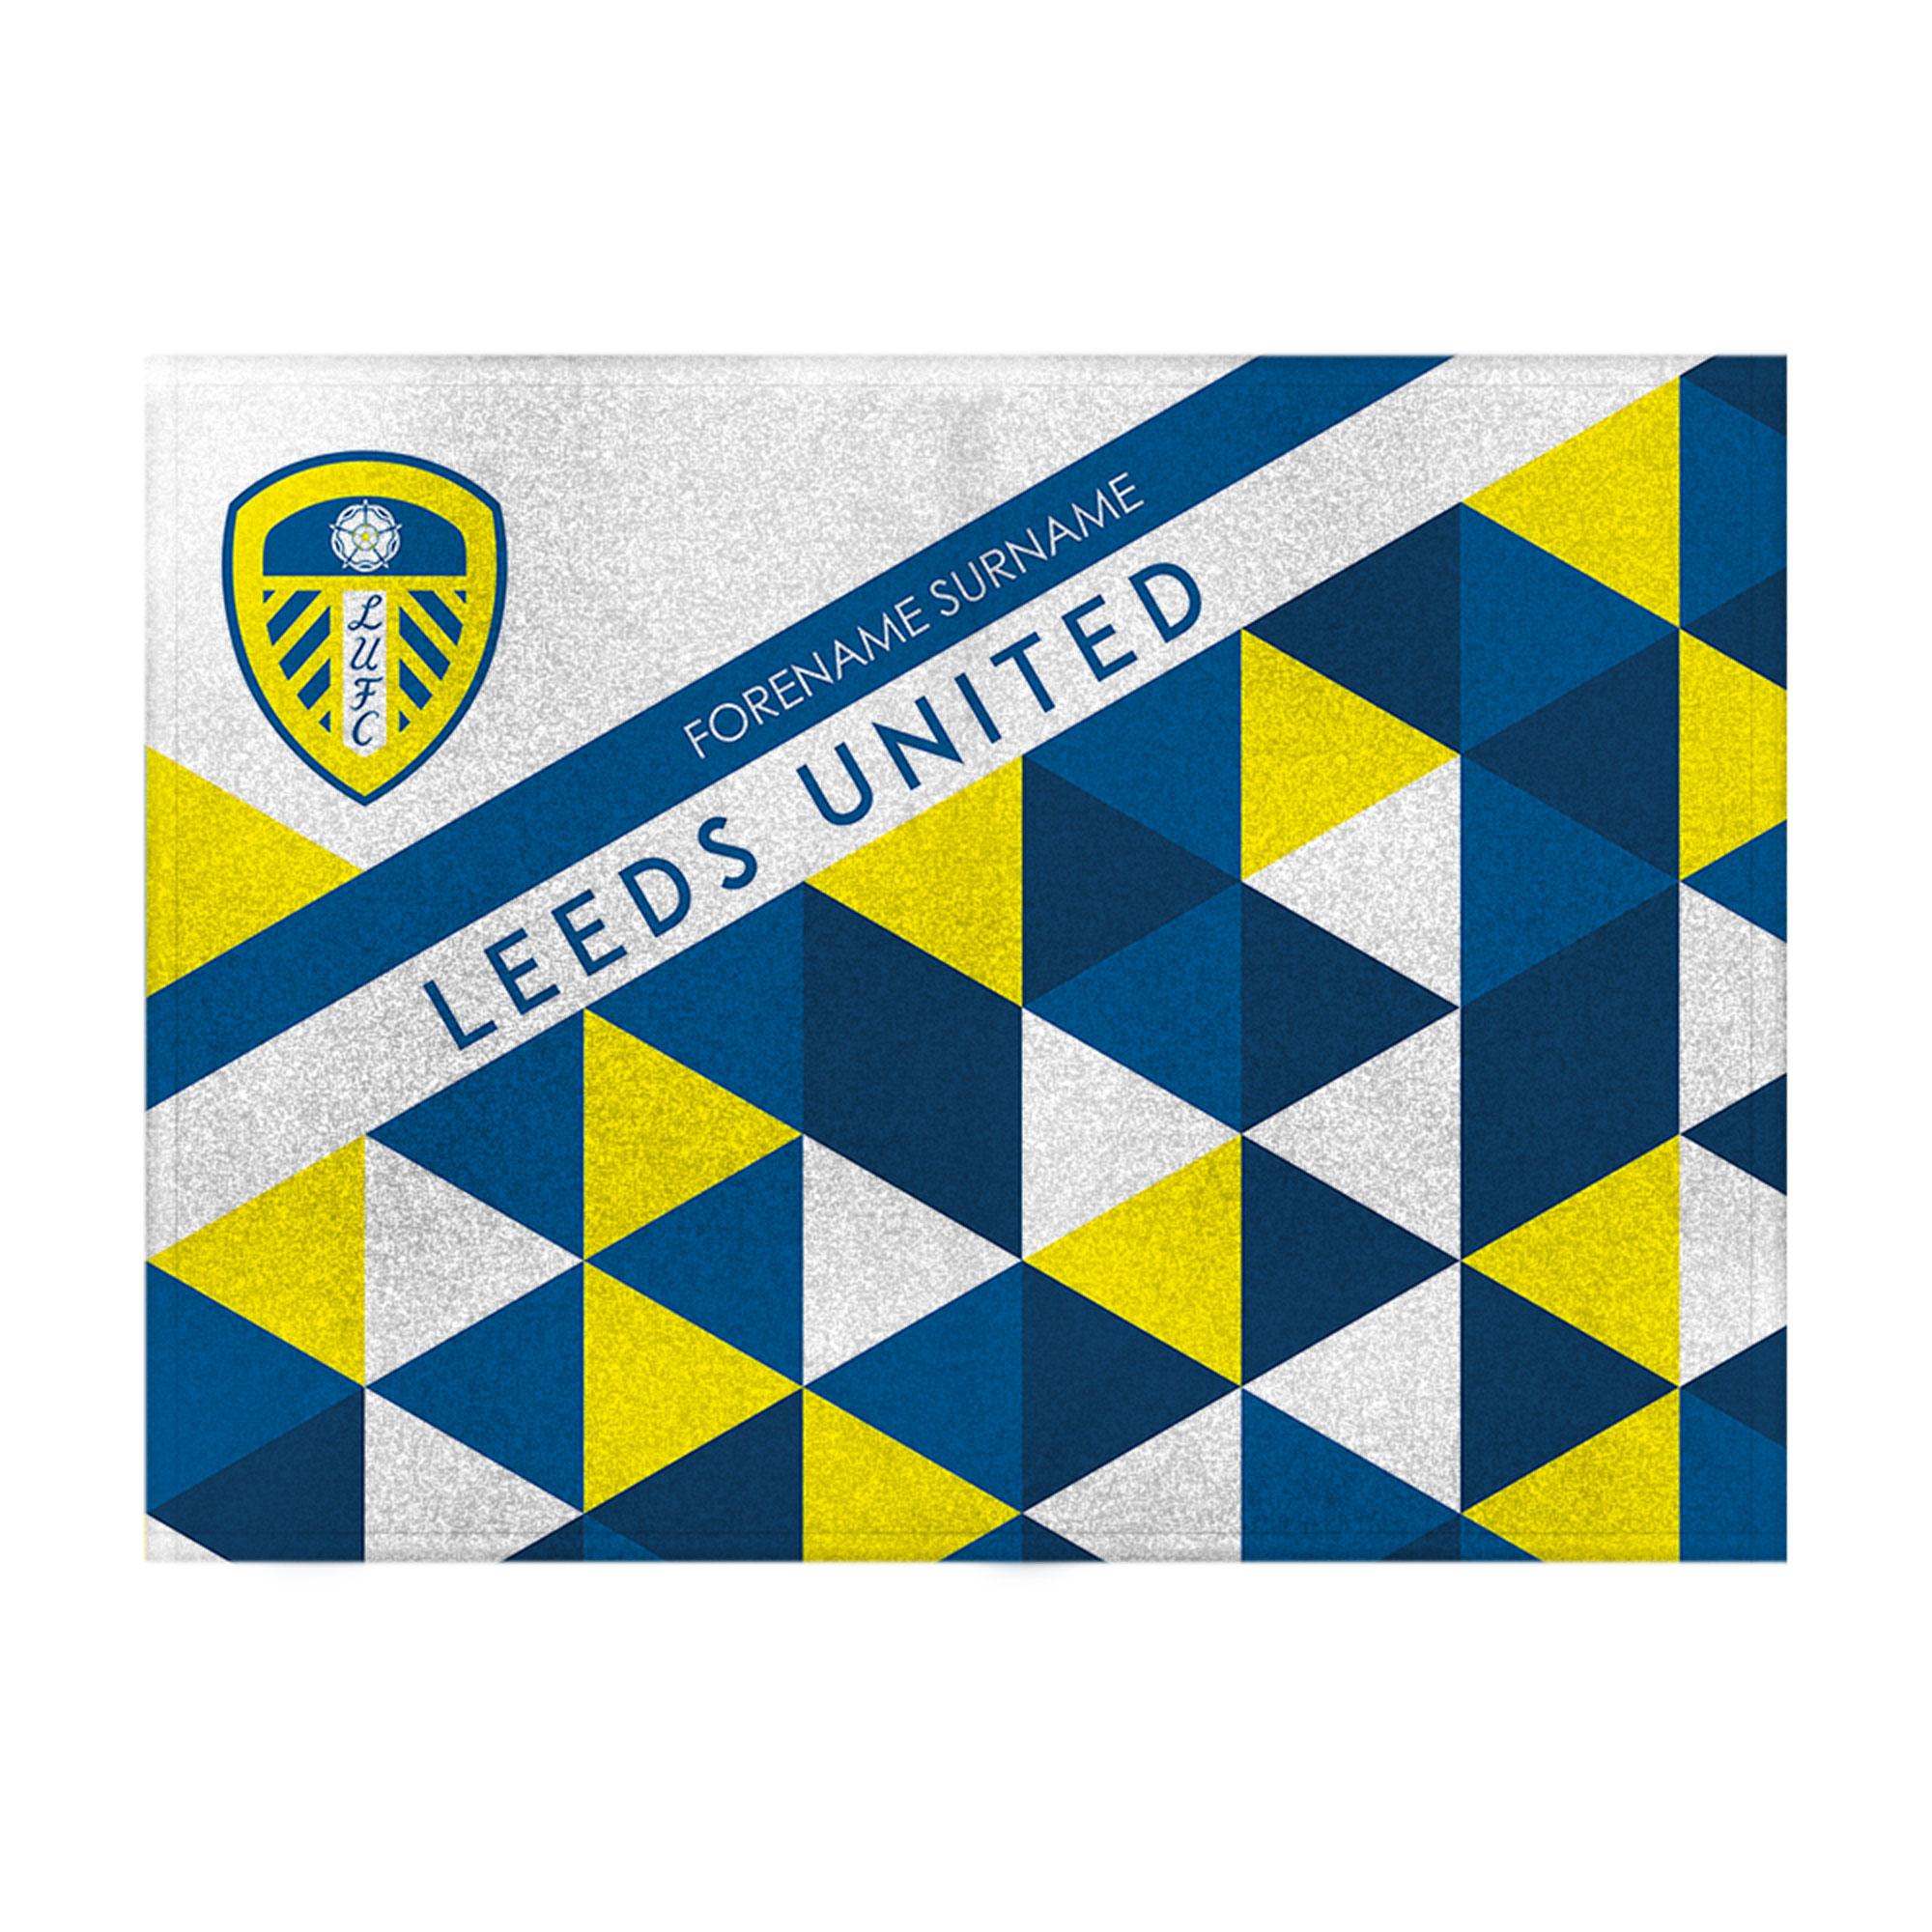 Leeds United FC Patterned Blanket (150cm x 110cm)